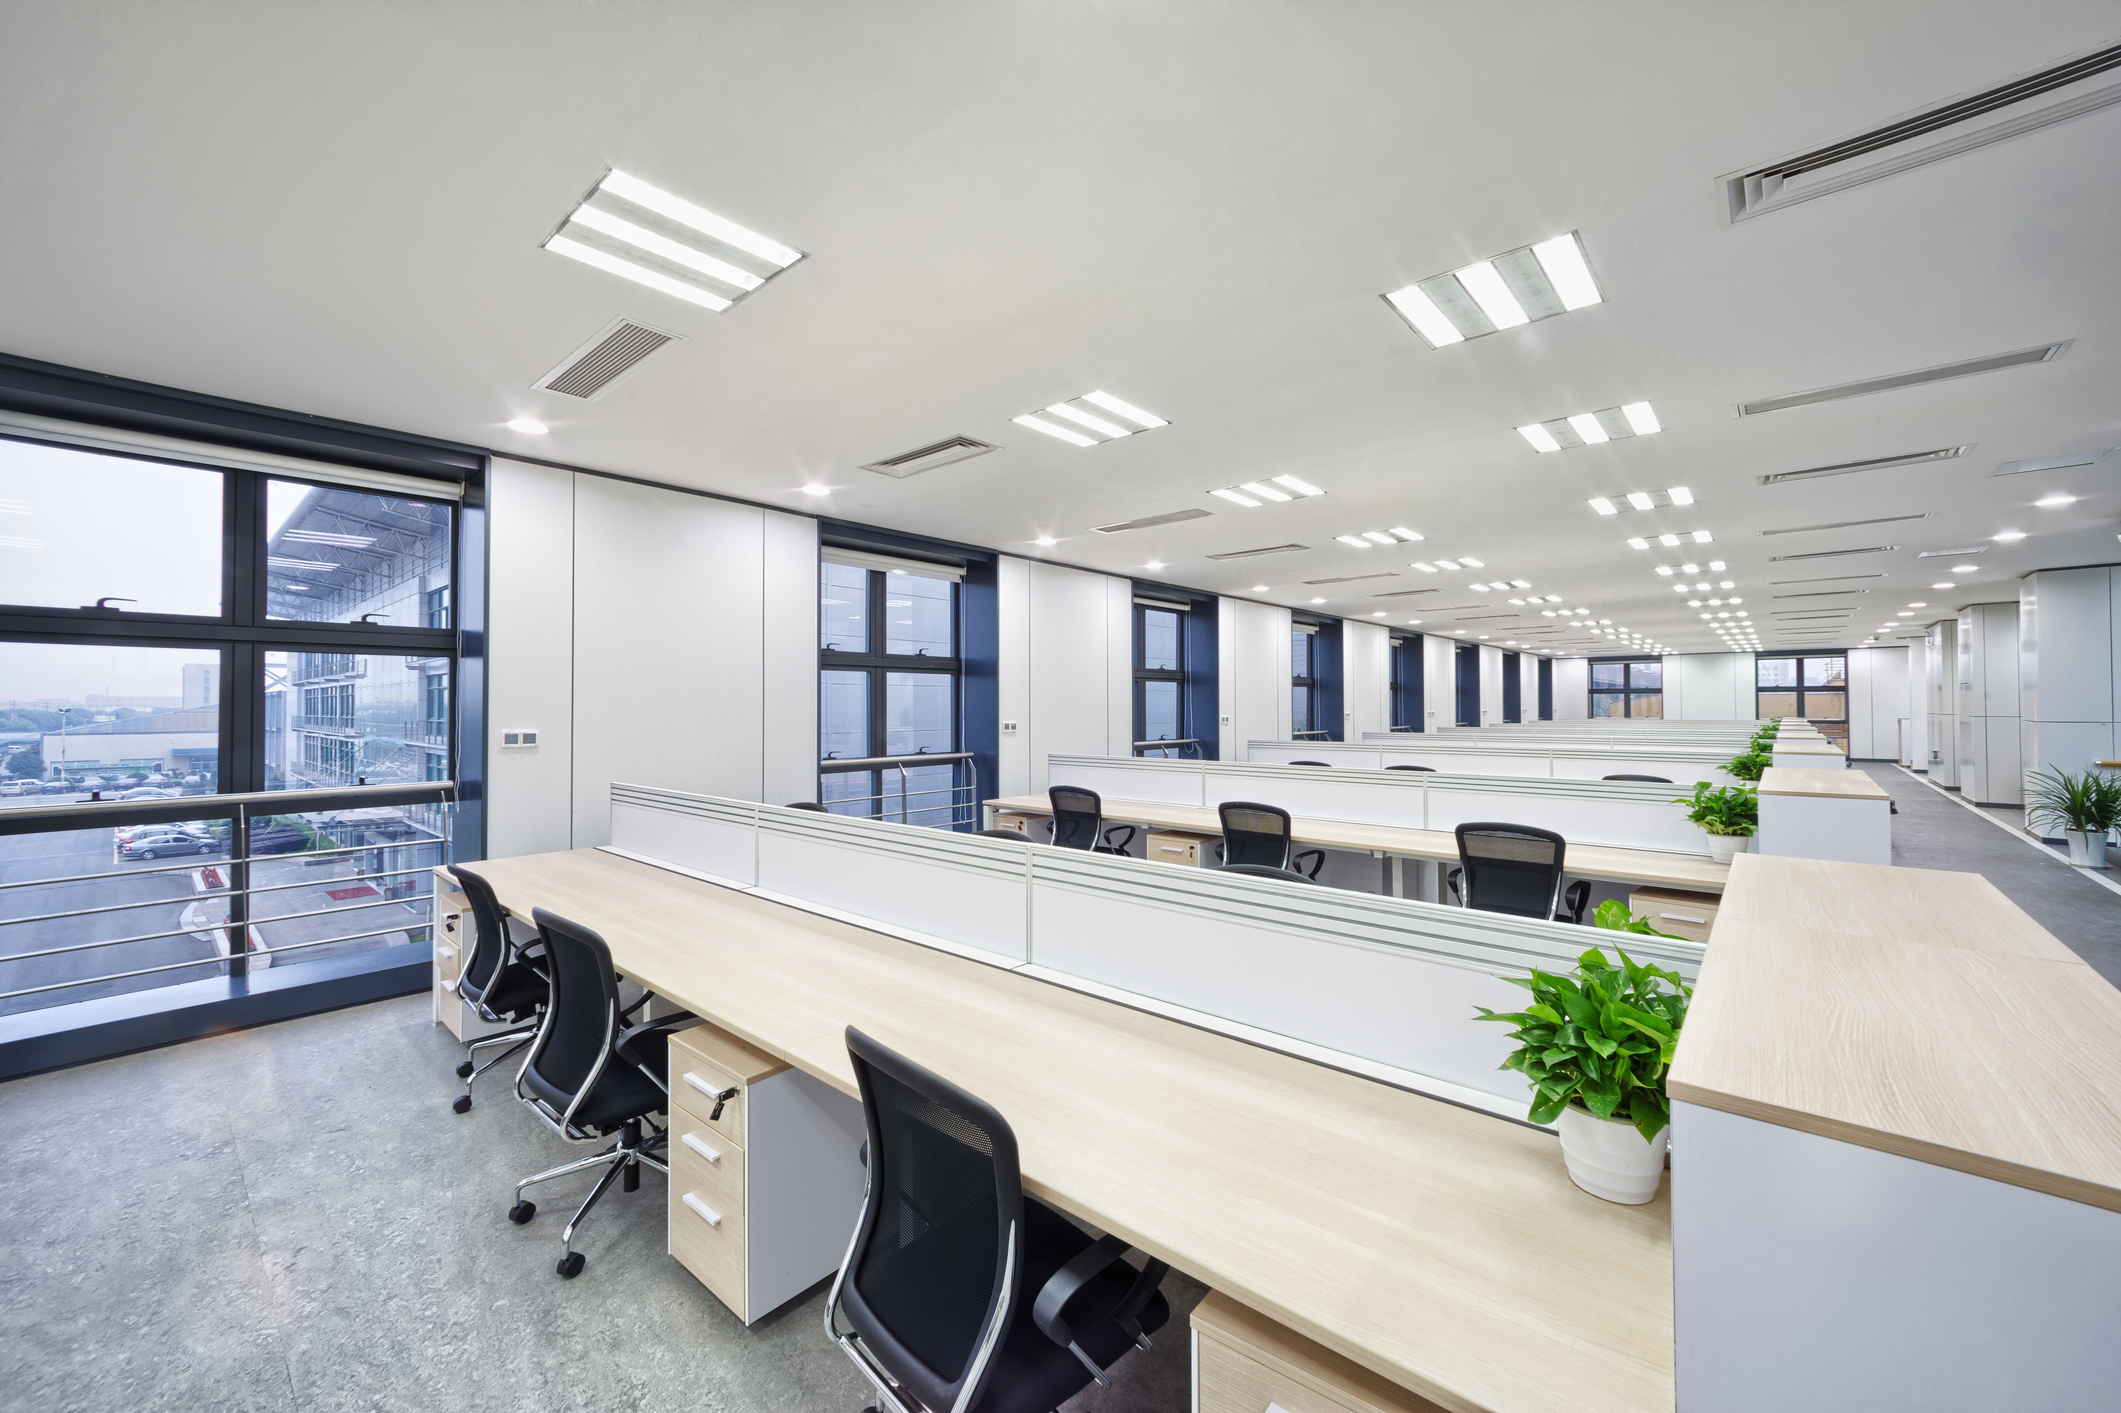 Illuminamento nei luoghi di lavoro e valutazione dei rischi